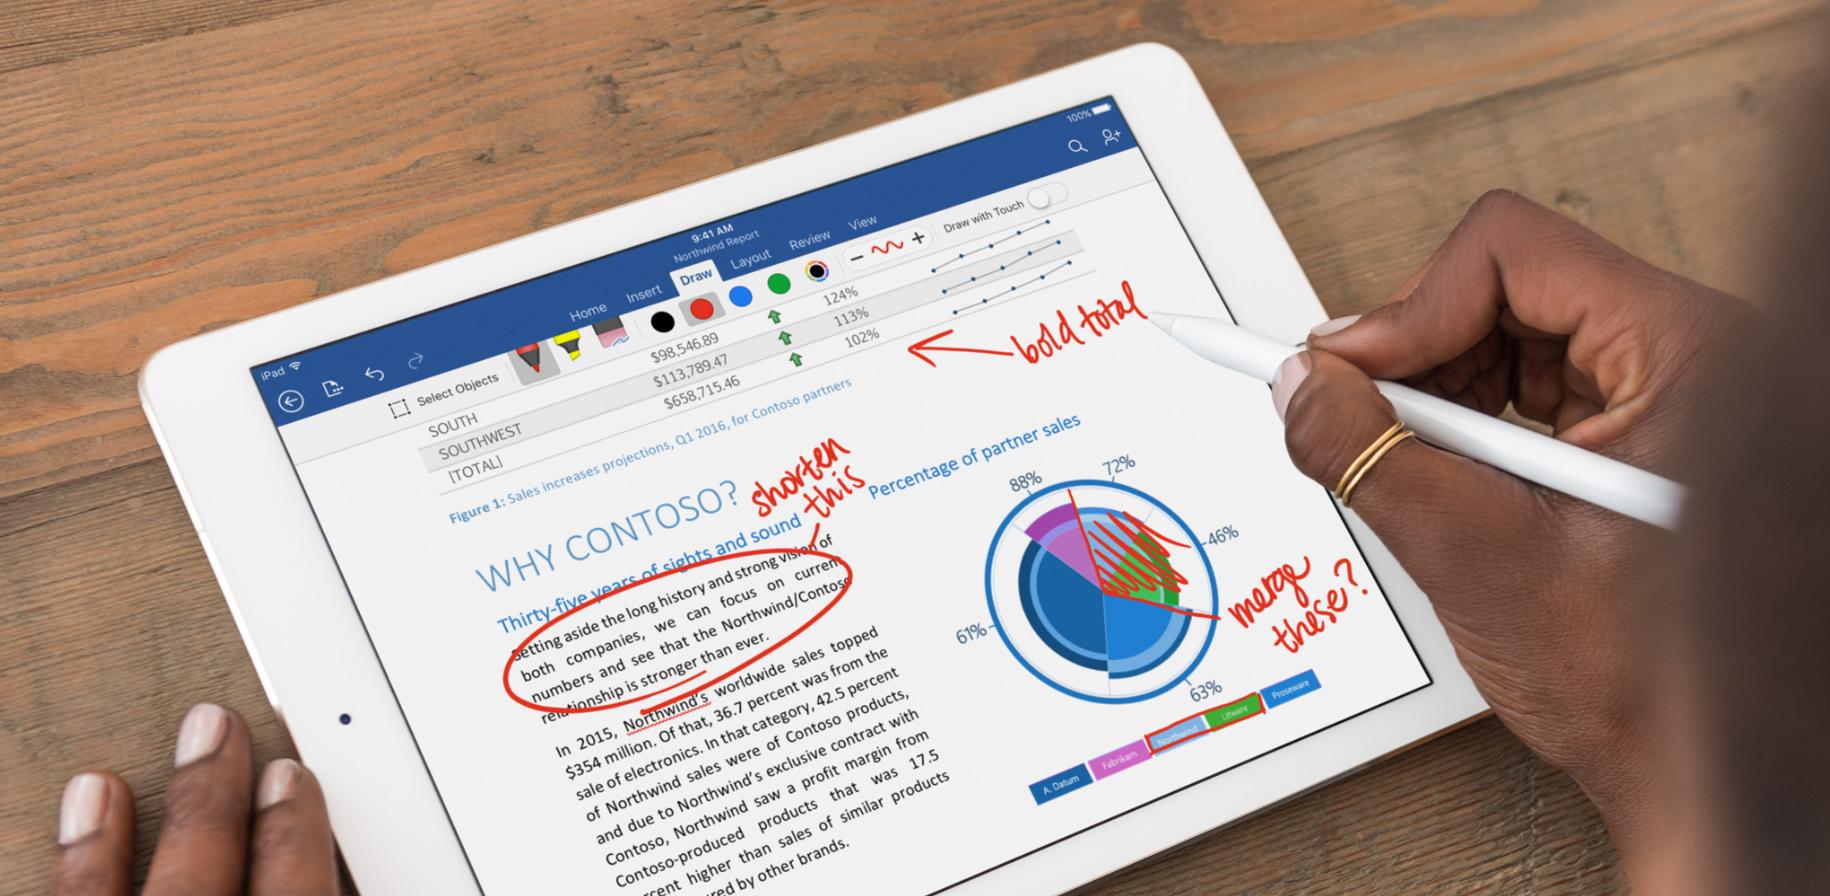 焼津市ふるさと納税返礼品 iPad proて゛テ゛サ゛イン